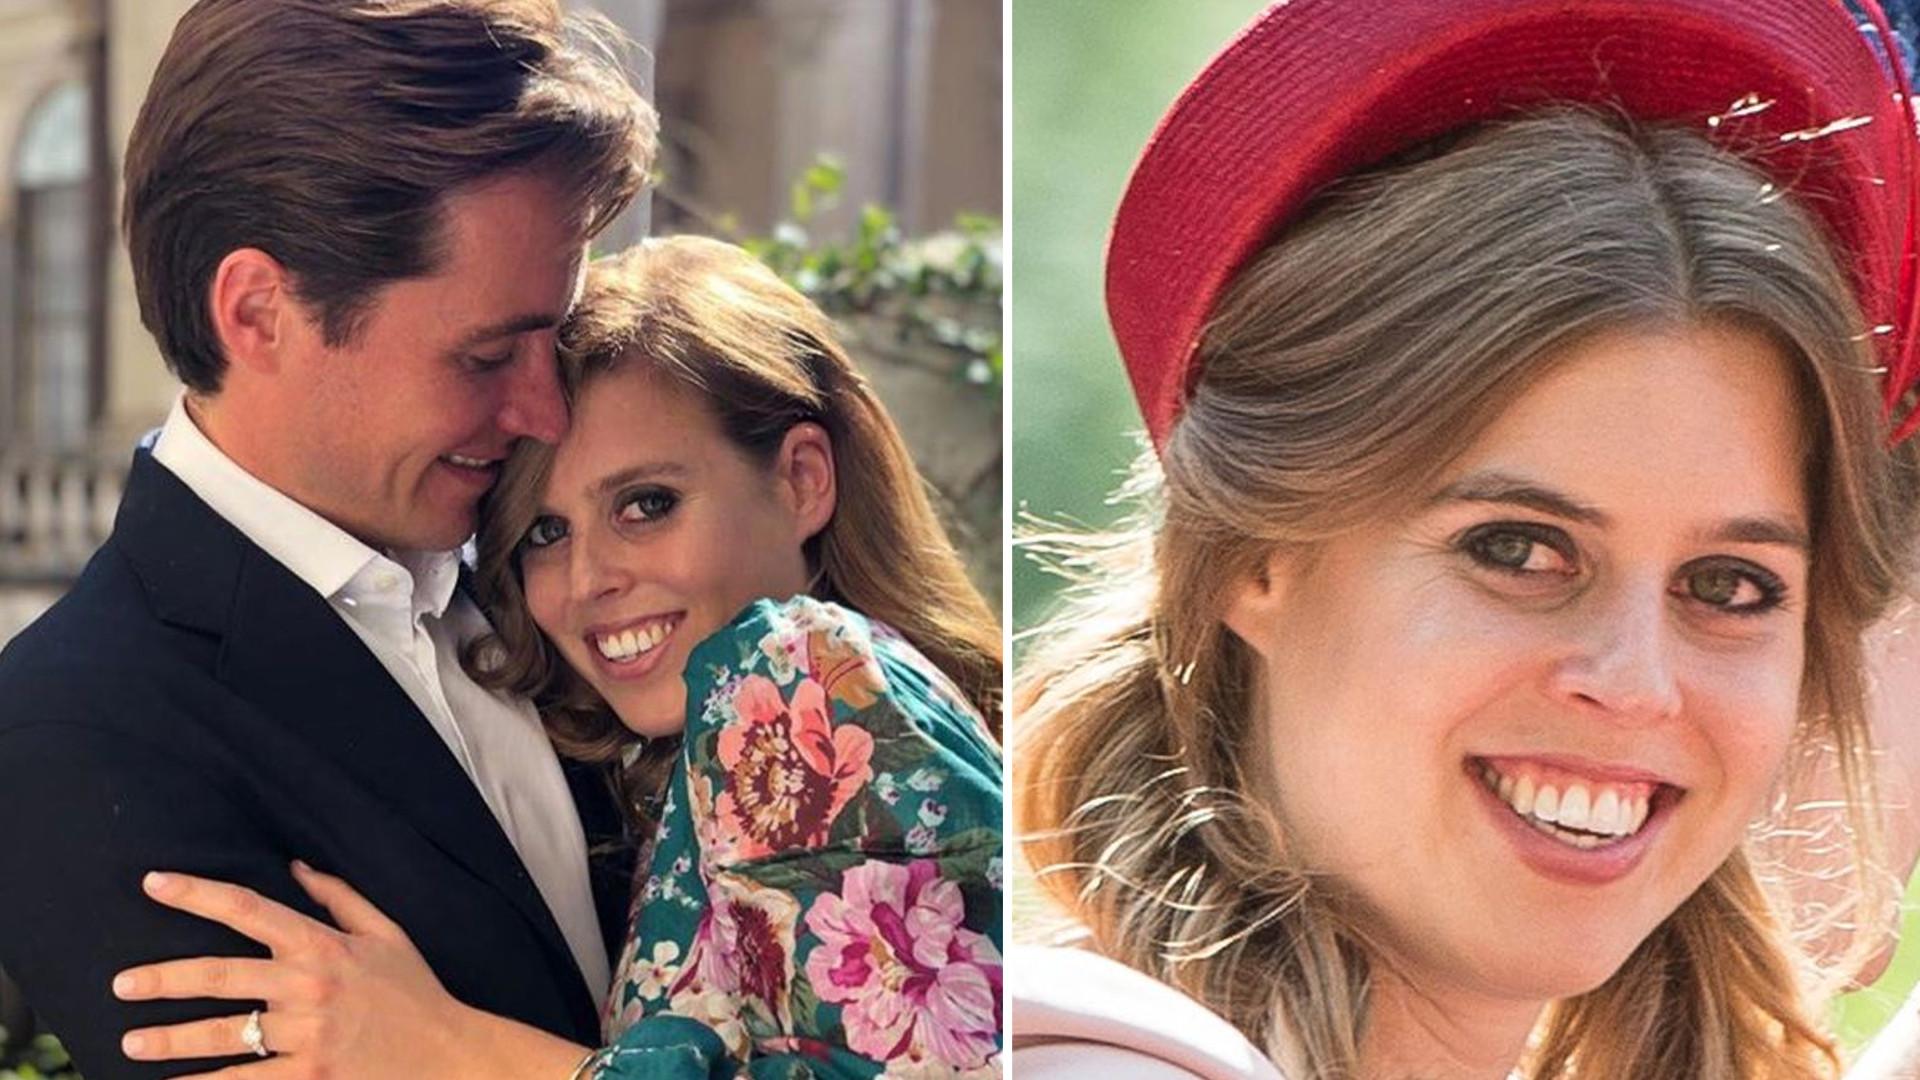 CO za wiadomość! Odbył się sekretny ślub Księżniczki Beatrice i Eduardo Mapelli Mozzi